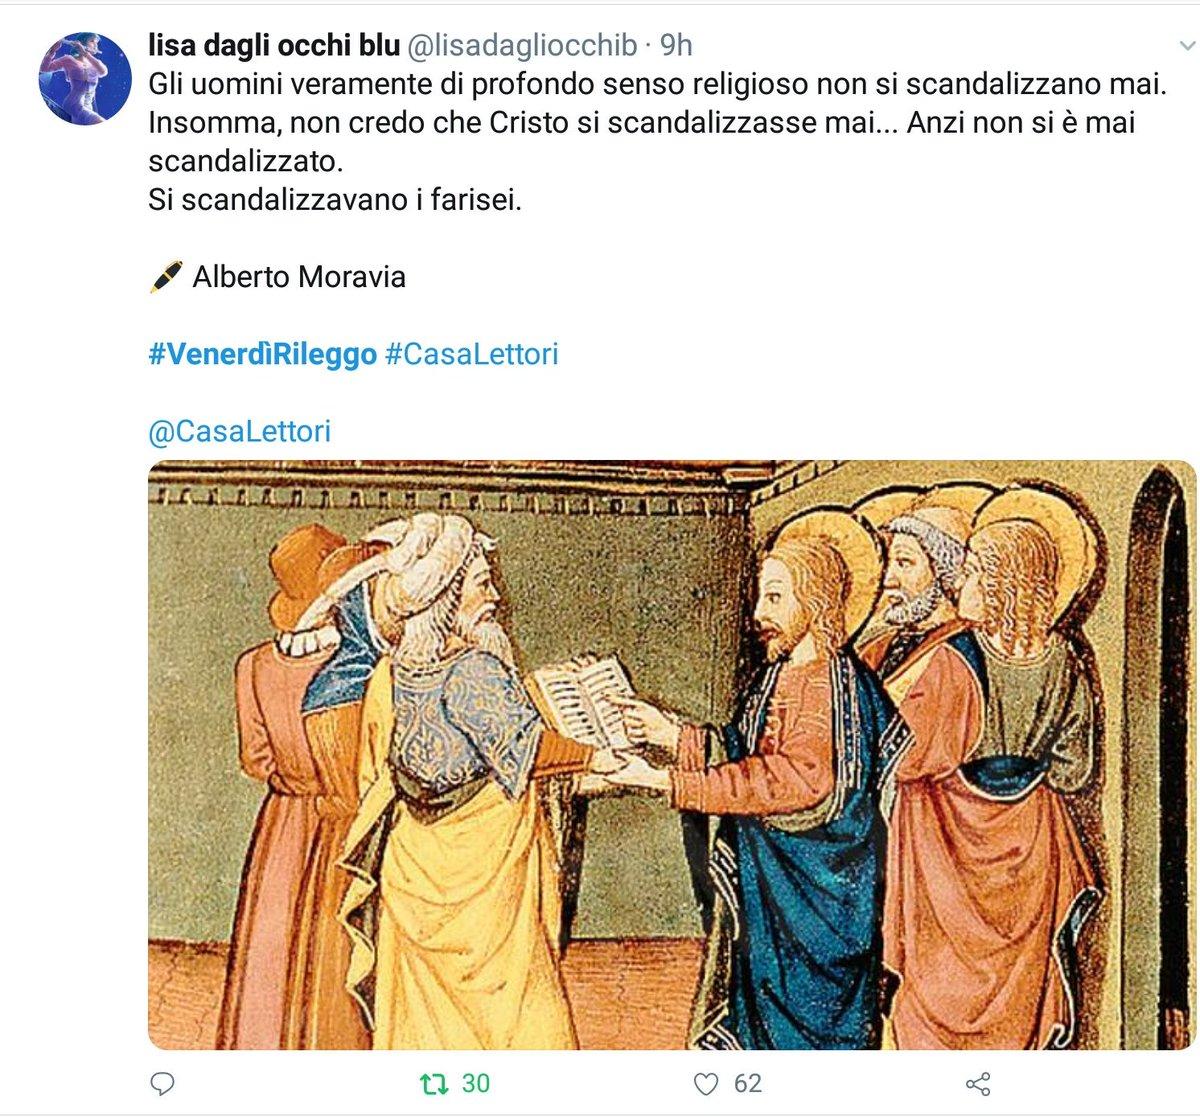 Vince il gioco letterario con #  #VenerdìRileggo a #CasaLettori   @lisadagliocchib   Con 62 'Mi piace'  Complimenti